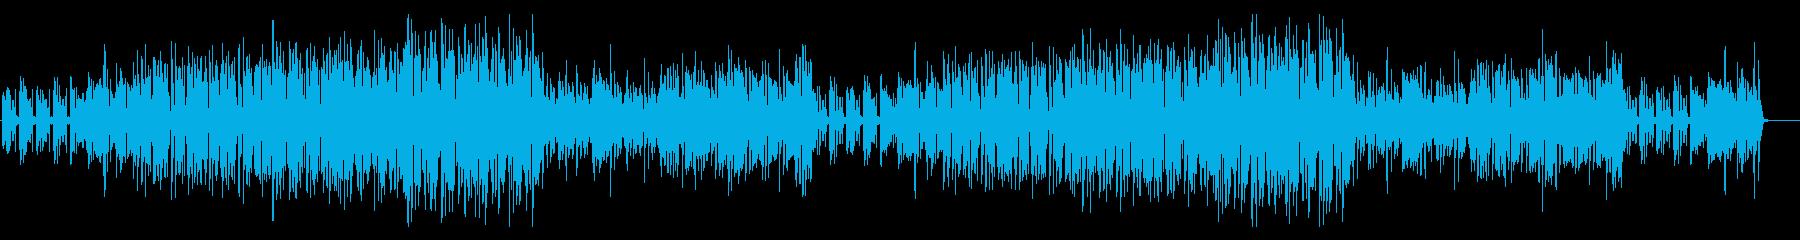 南国のフルーツのような元気で明るい曲の再生済みの波形